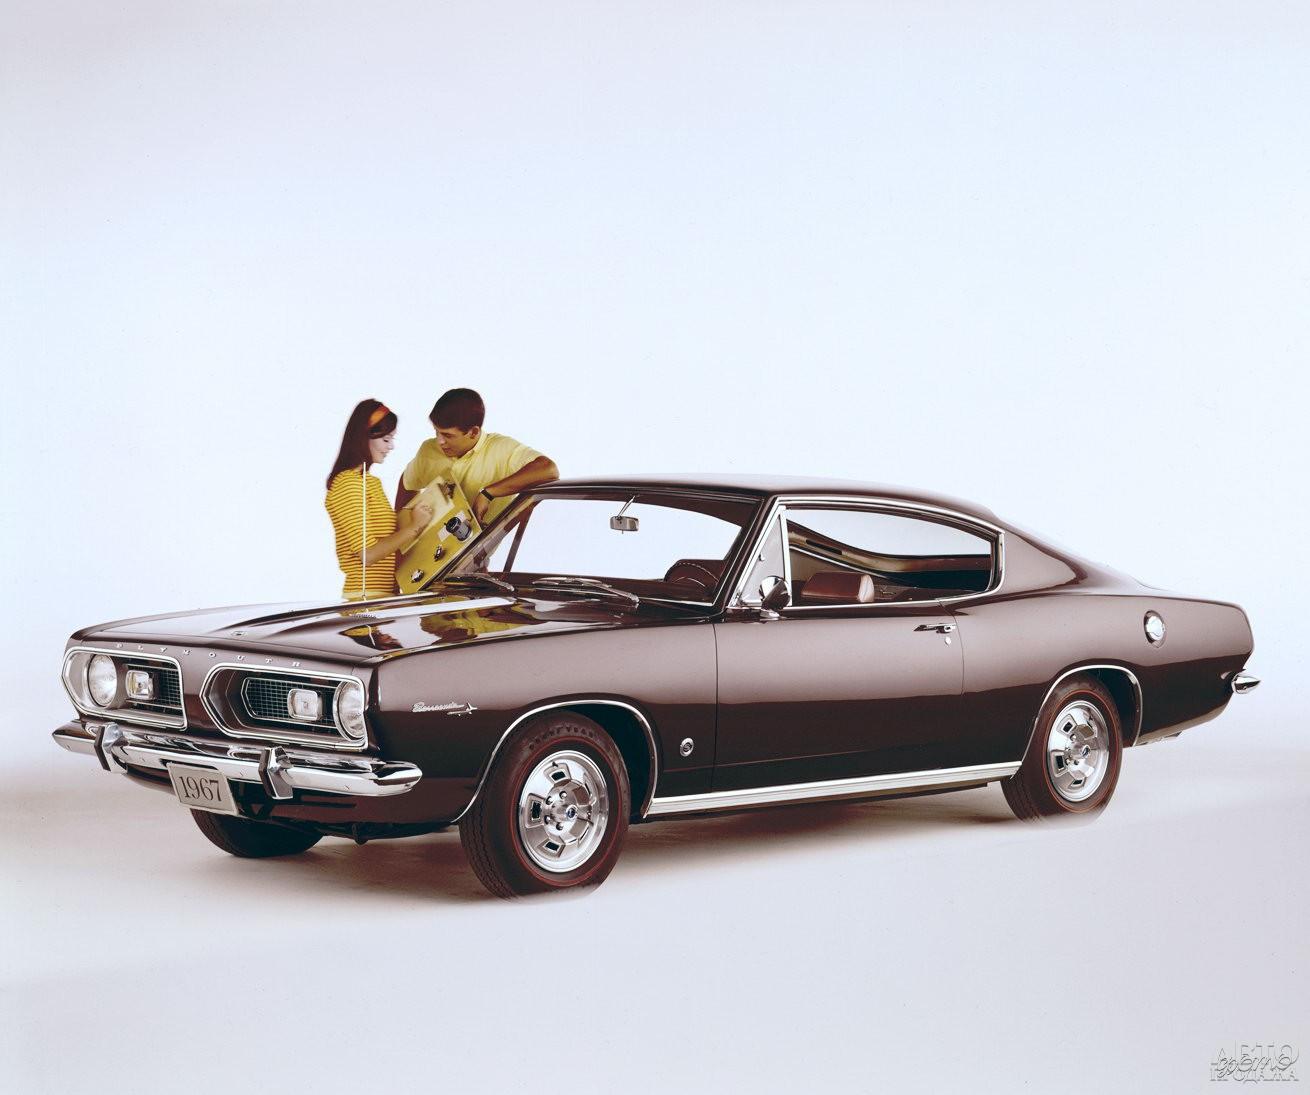 Plymouth_Barracuda второго поколения, 1967 год